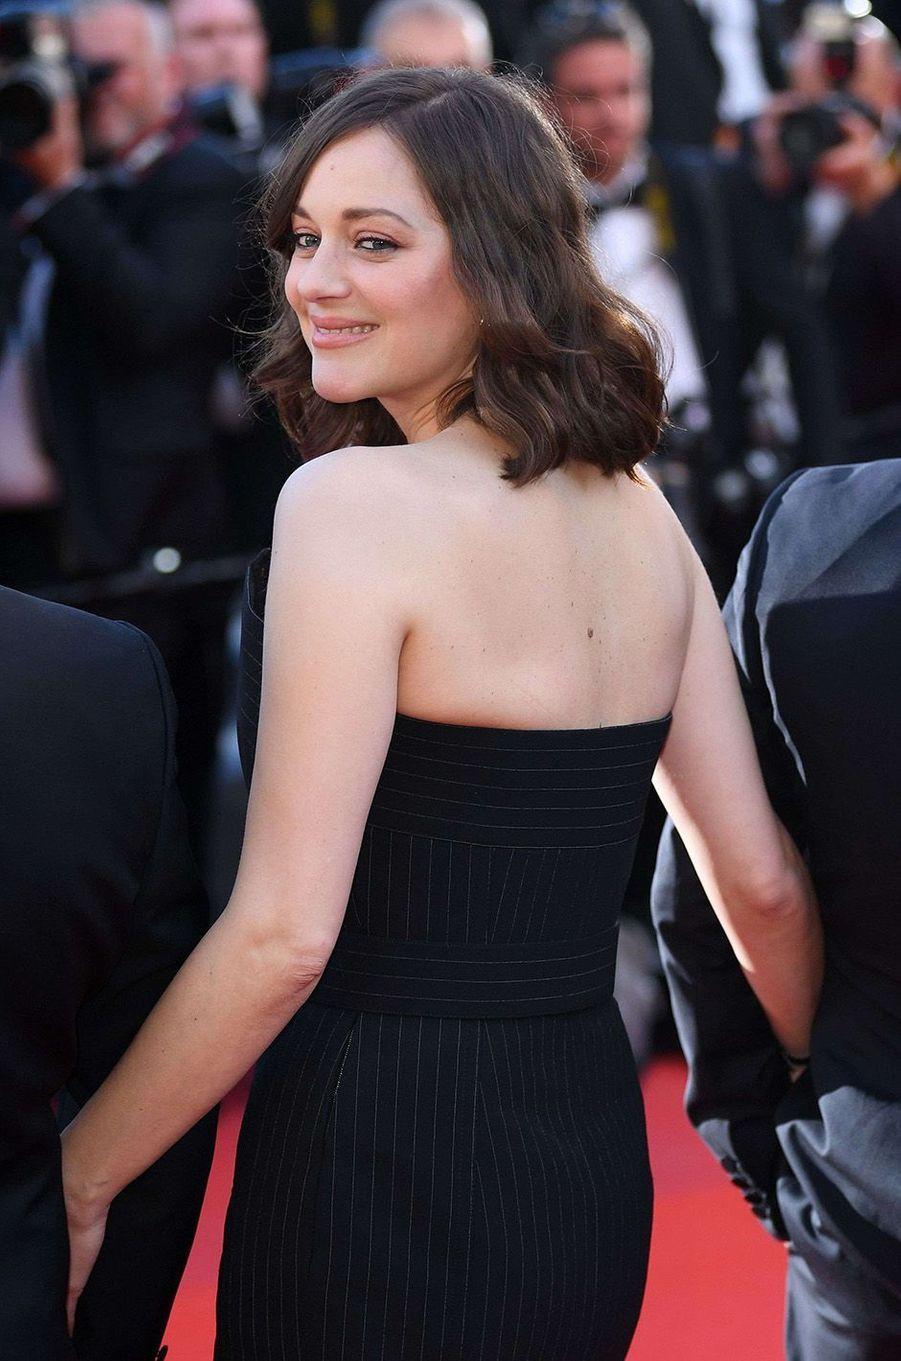 Entre Marion Cotillard et le festival de Cannes, c'est une grande histoire d'amour.